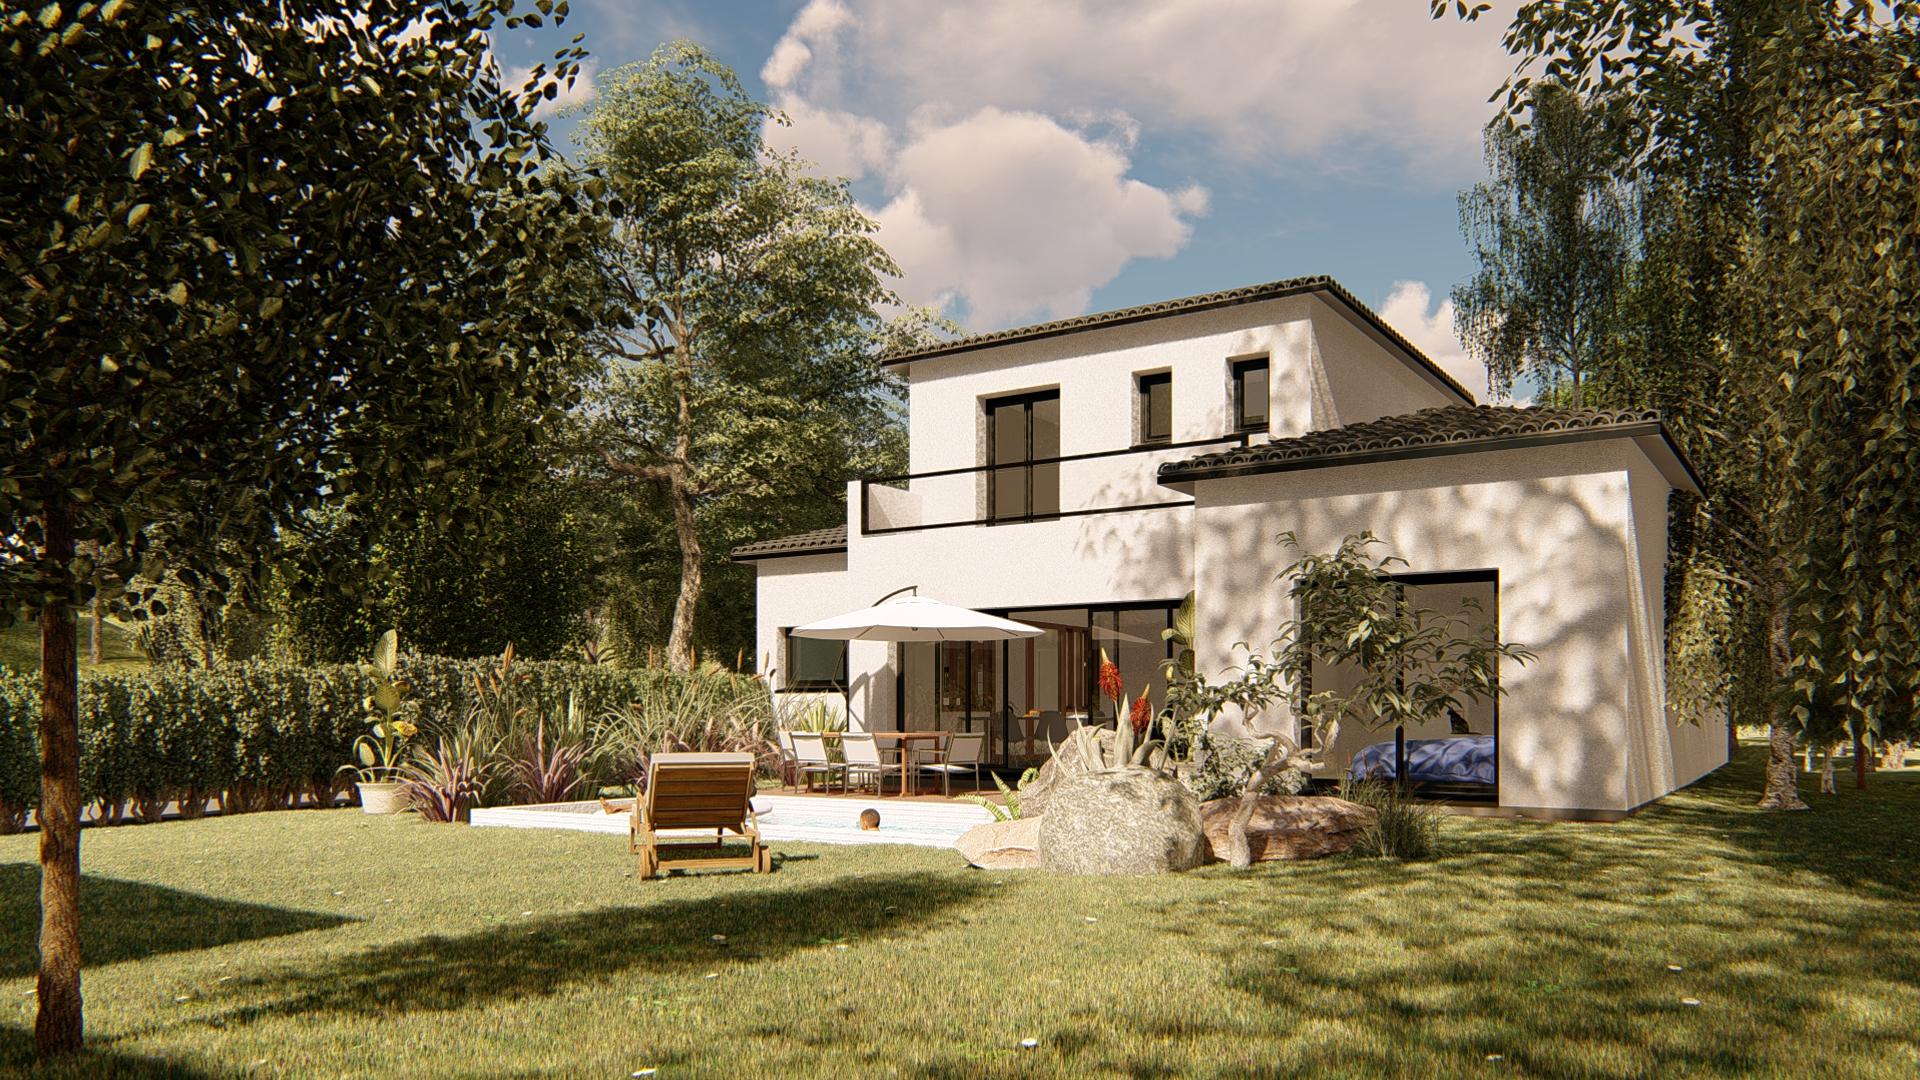 Maisons + Terrains du constructeur VILLAS SUD CREATION • 140 m² • LANTA